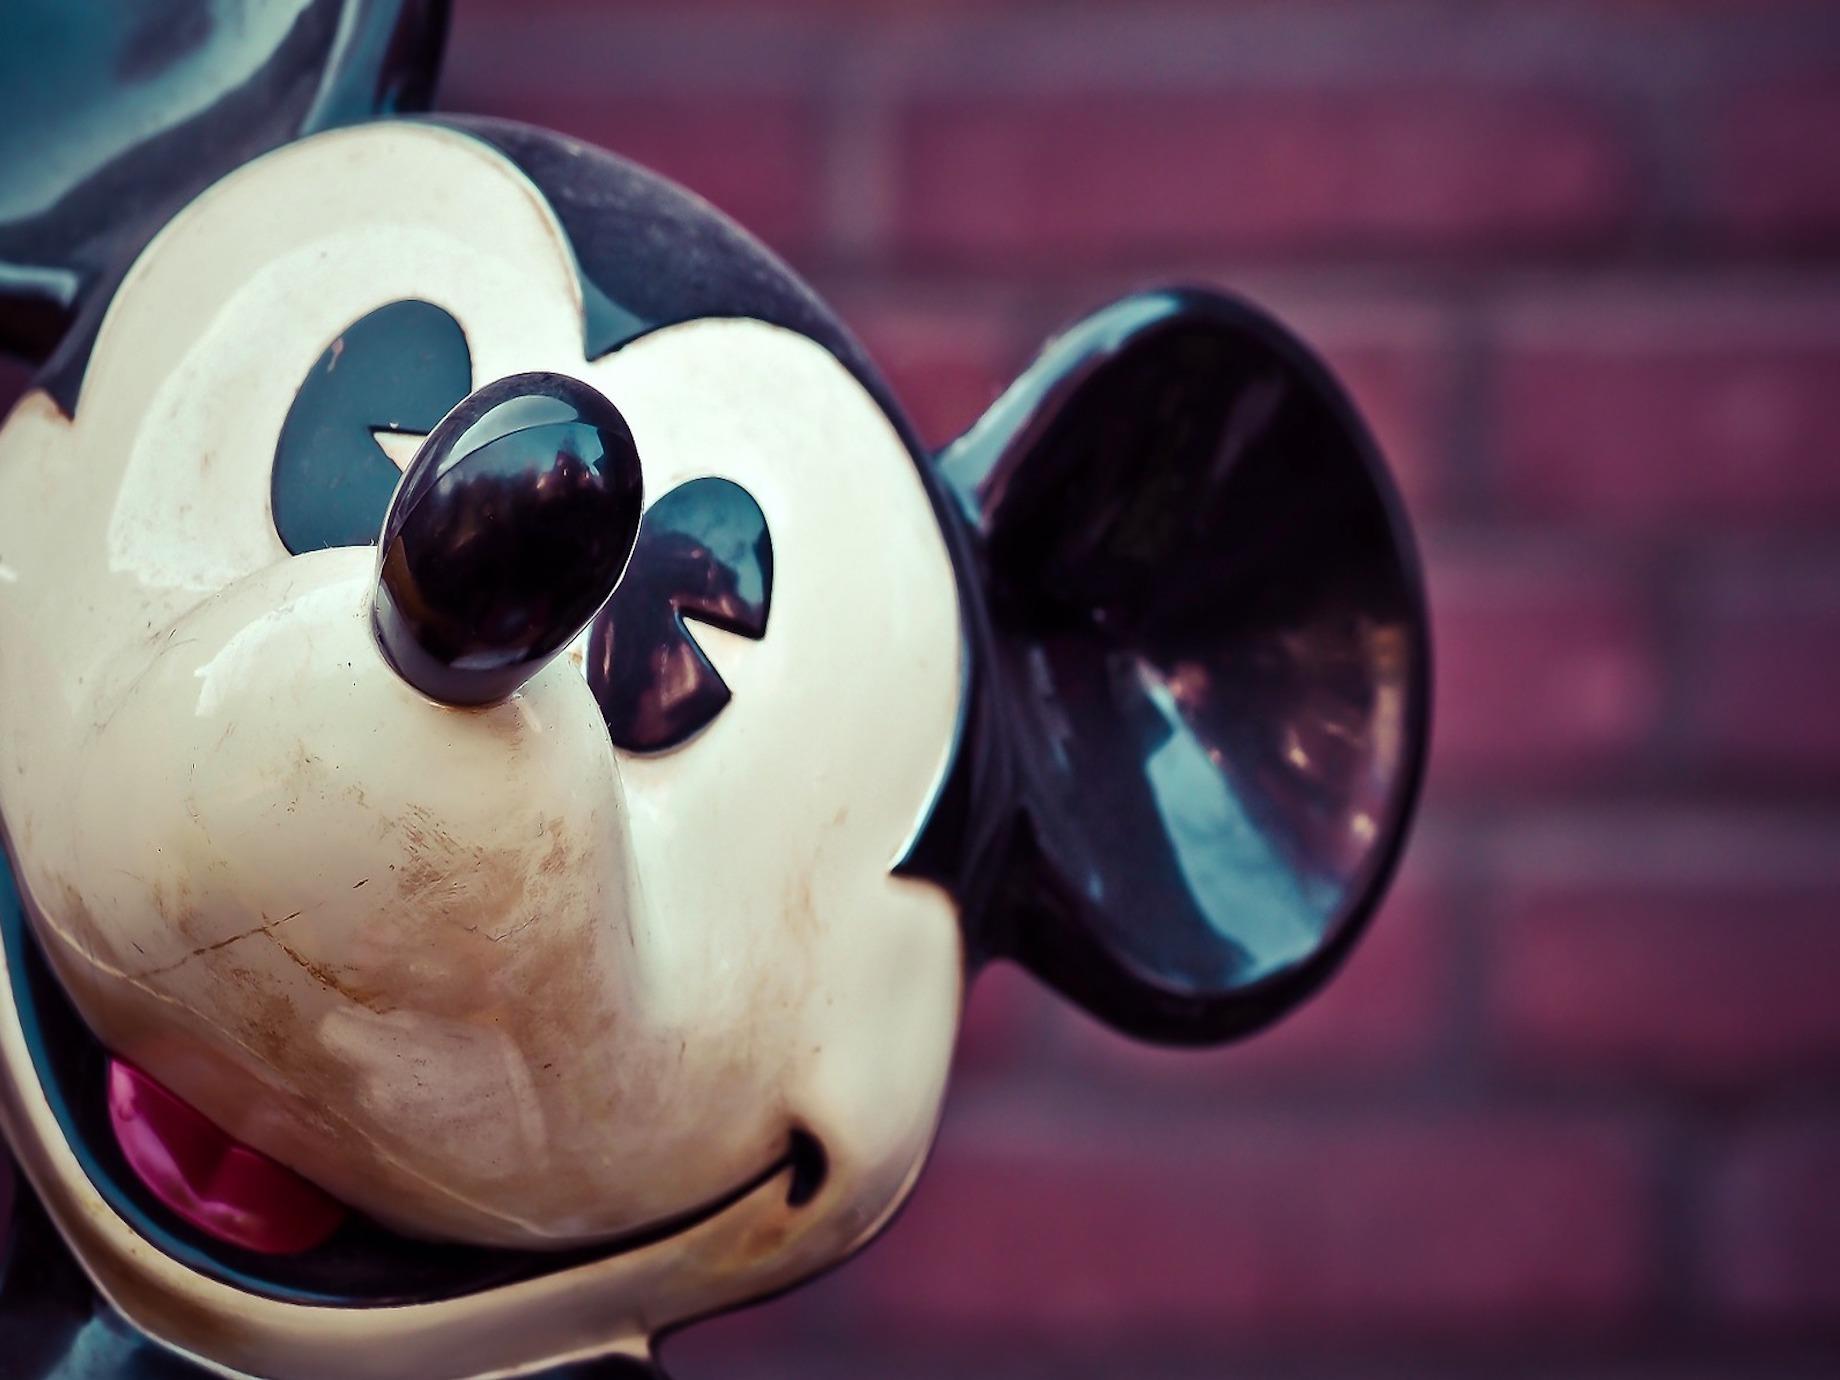 品牌創新》夏姿、迪士尼首度聯名合作,為品牌創造話題性